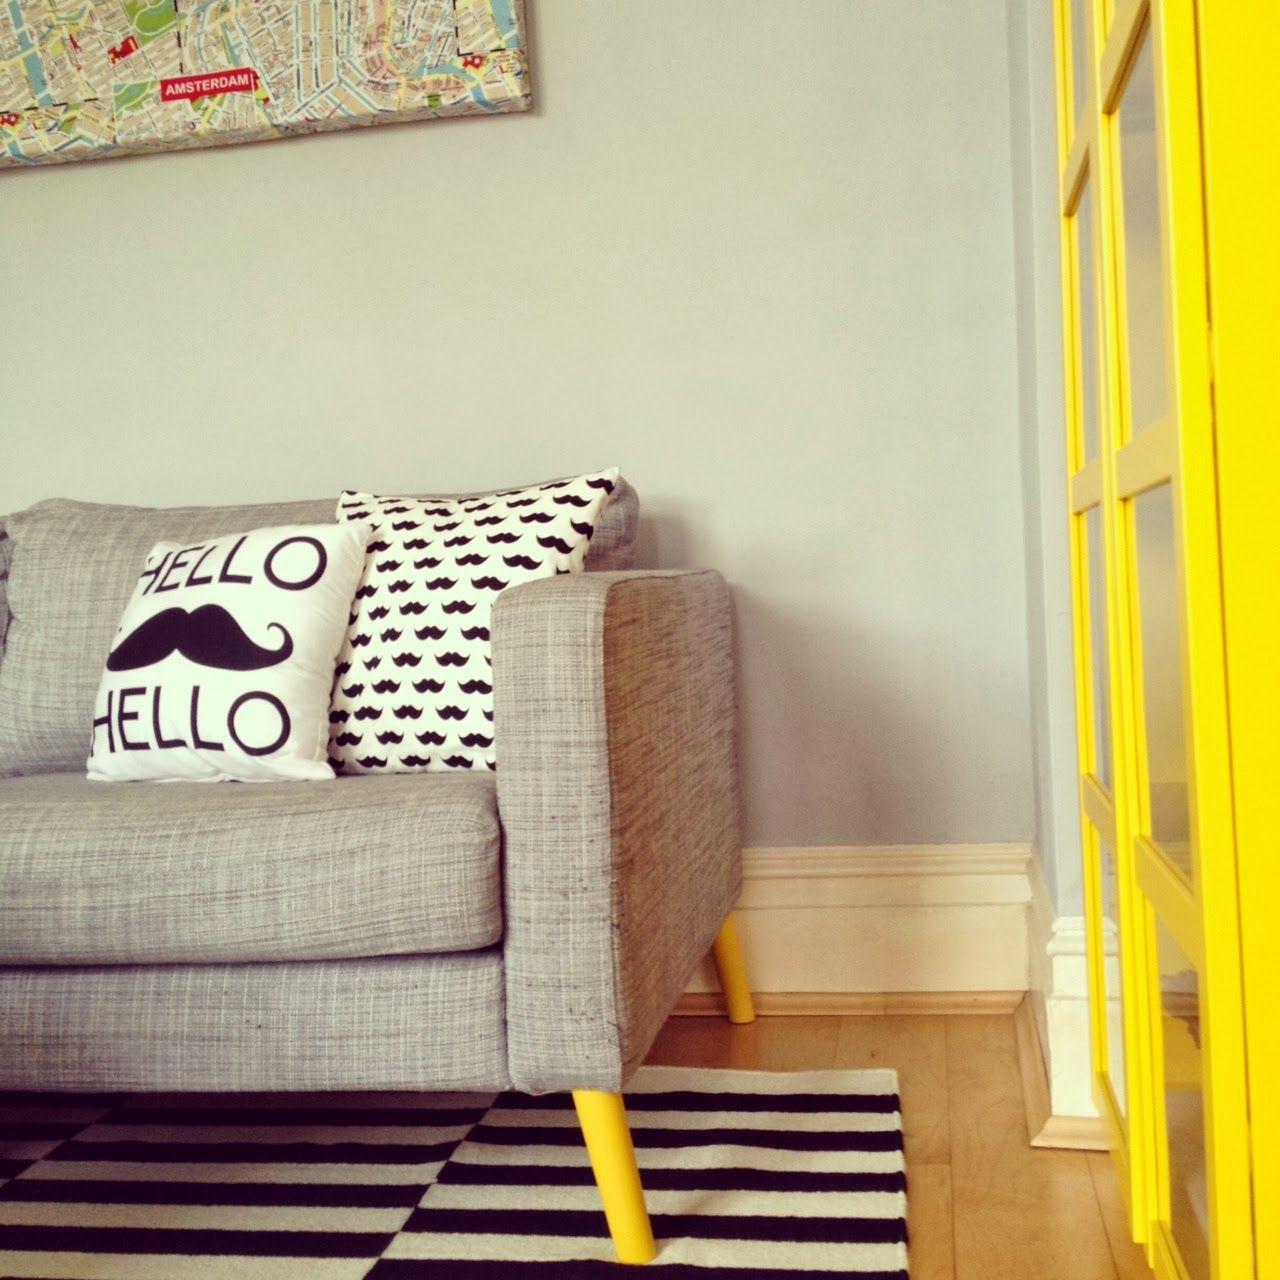 pieds compas jaunes sur canap ik a id es en vrac pinterest ik a compas et canap s. Black Bedroom Furniture Sets. Home Design Ideas